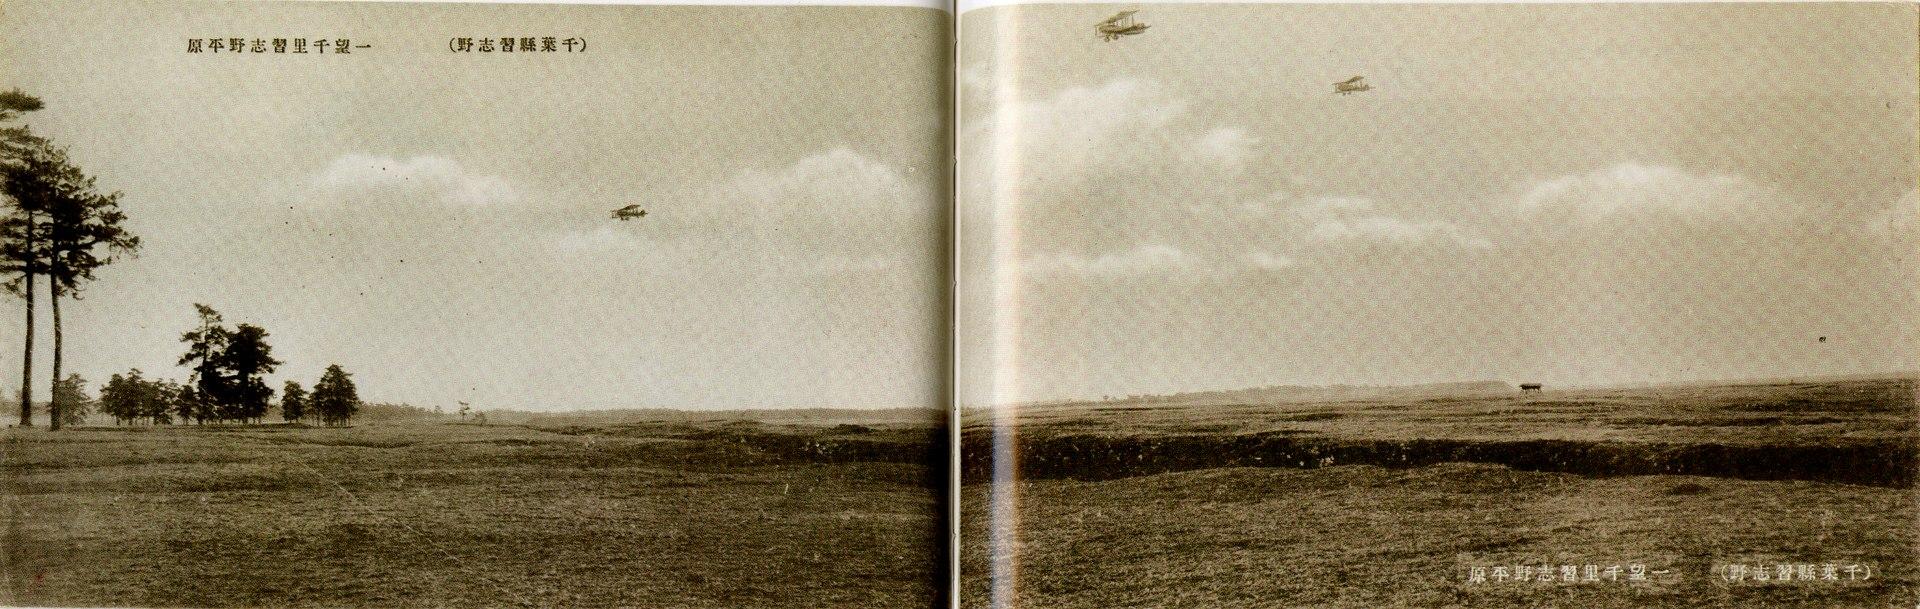 lossy-page1-1920px-Narashino-Hara_tif.jpg